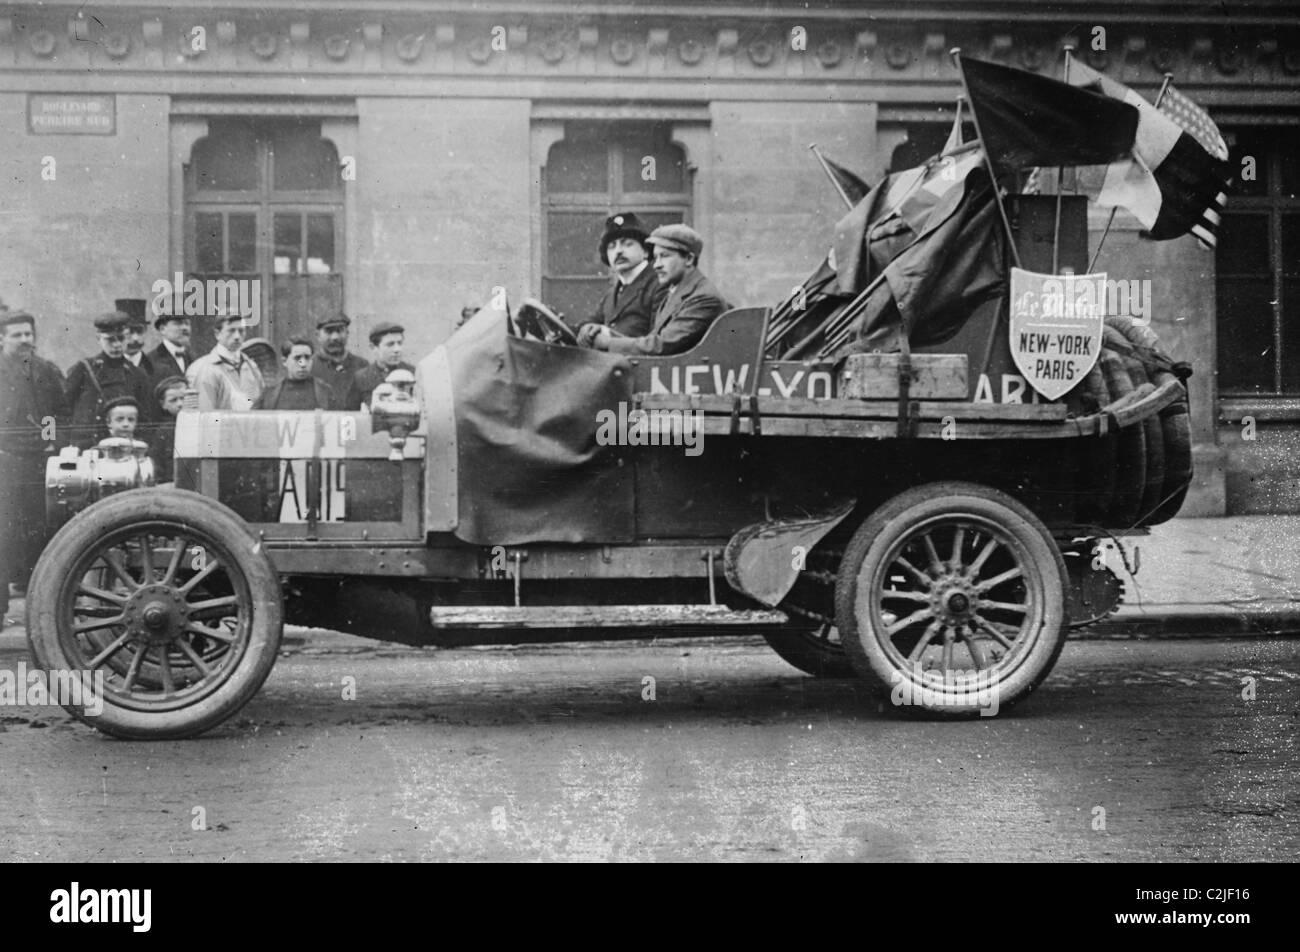 Paris race: Italian car, New York - Stock Image